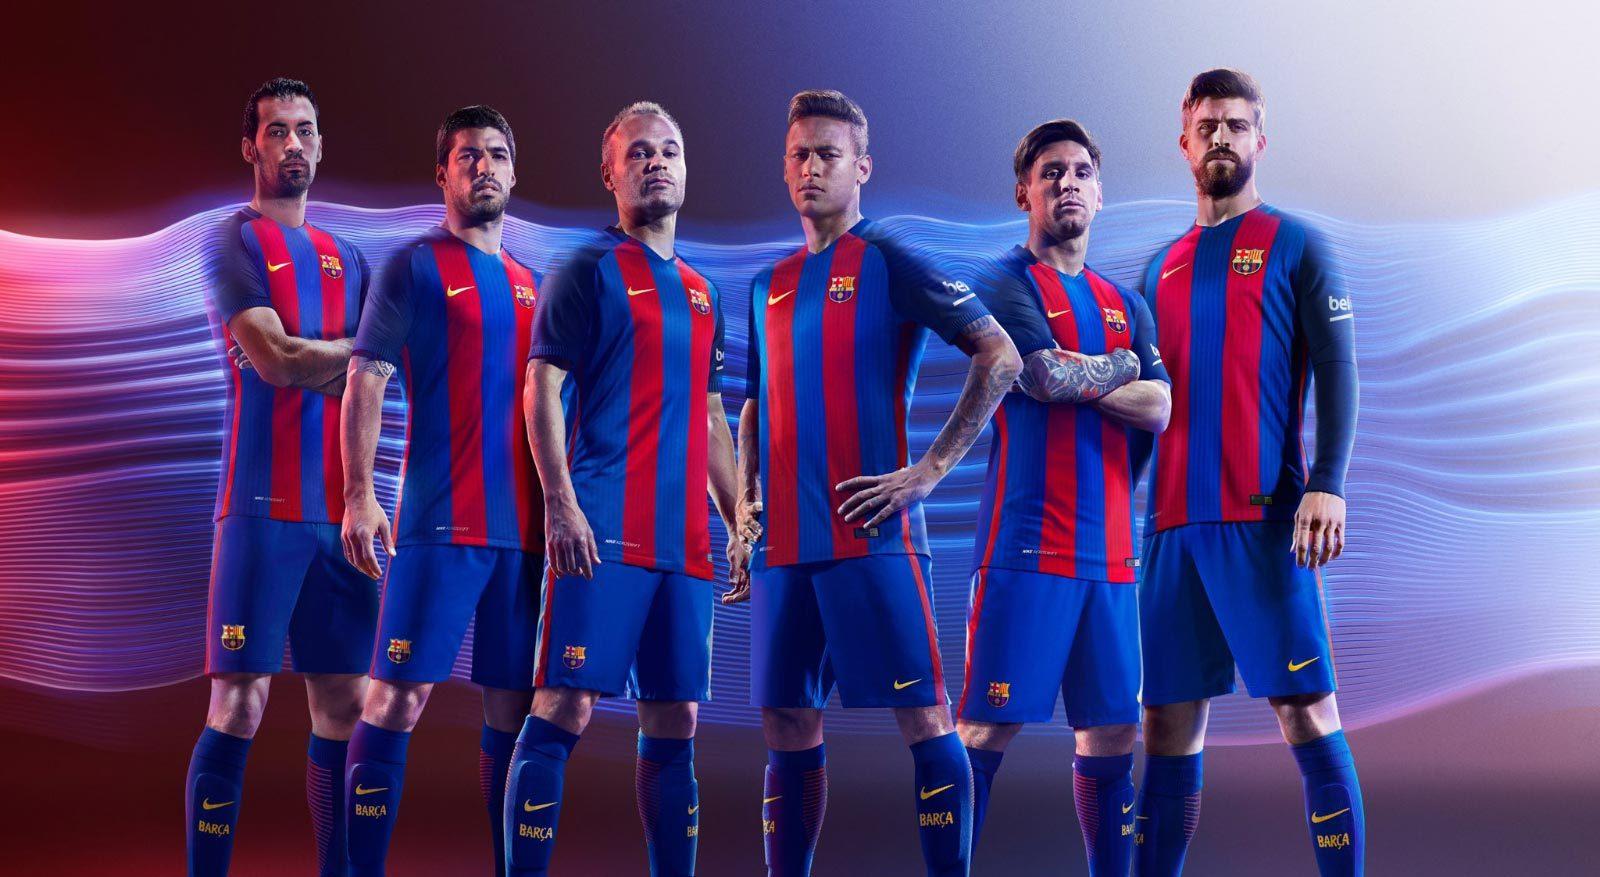 Las mejores fotos del futbol club barcelona 3